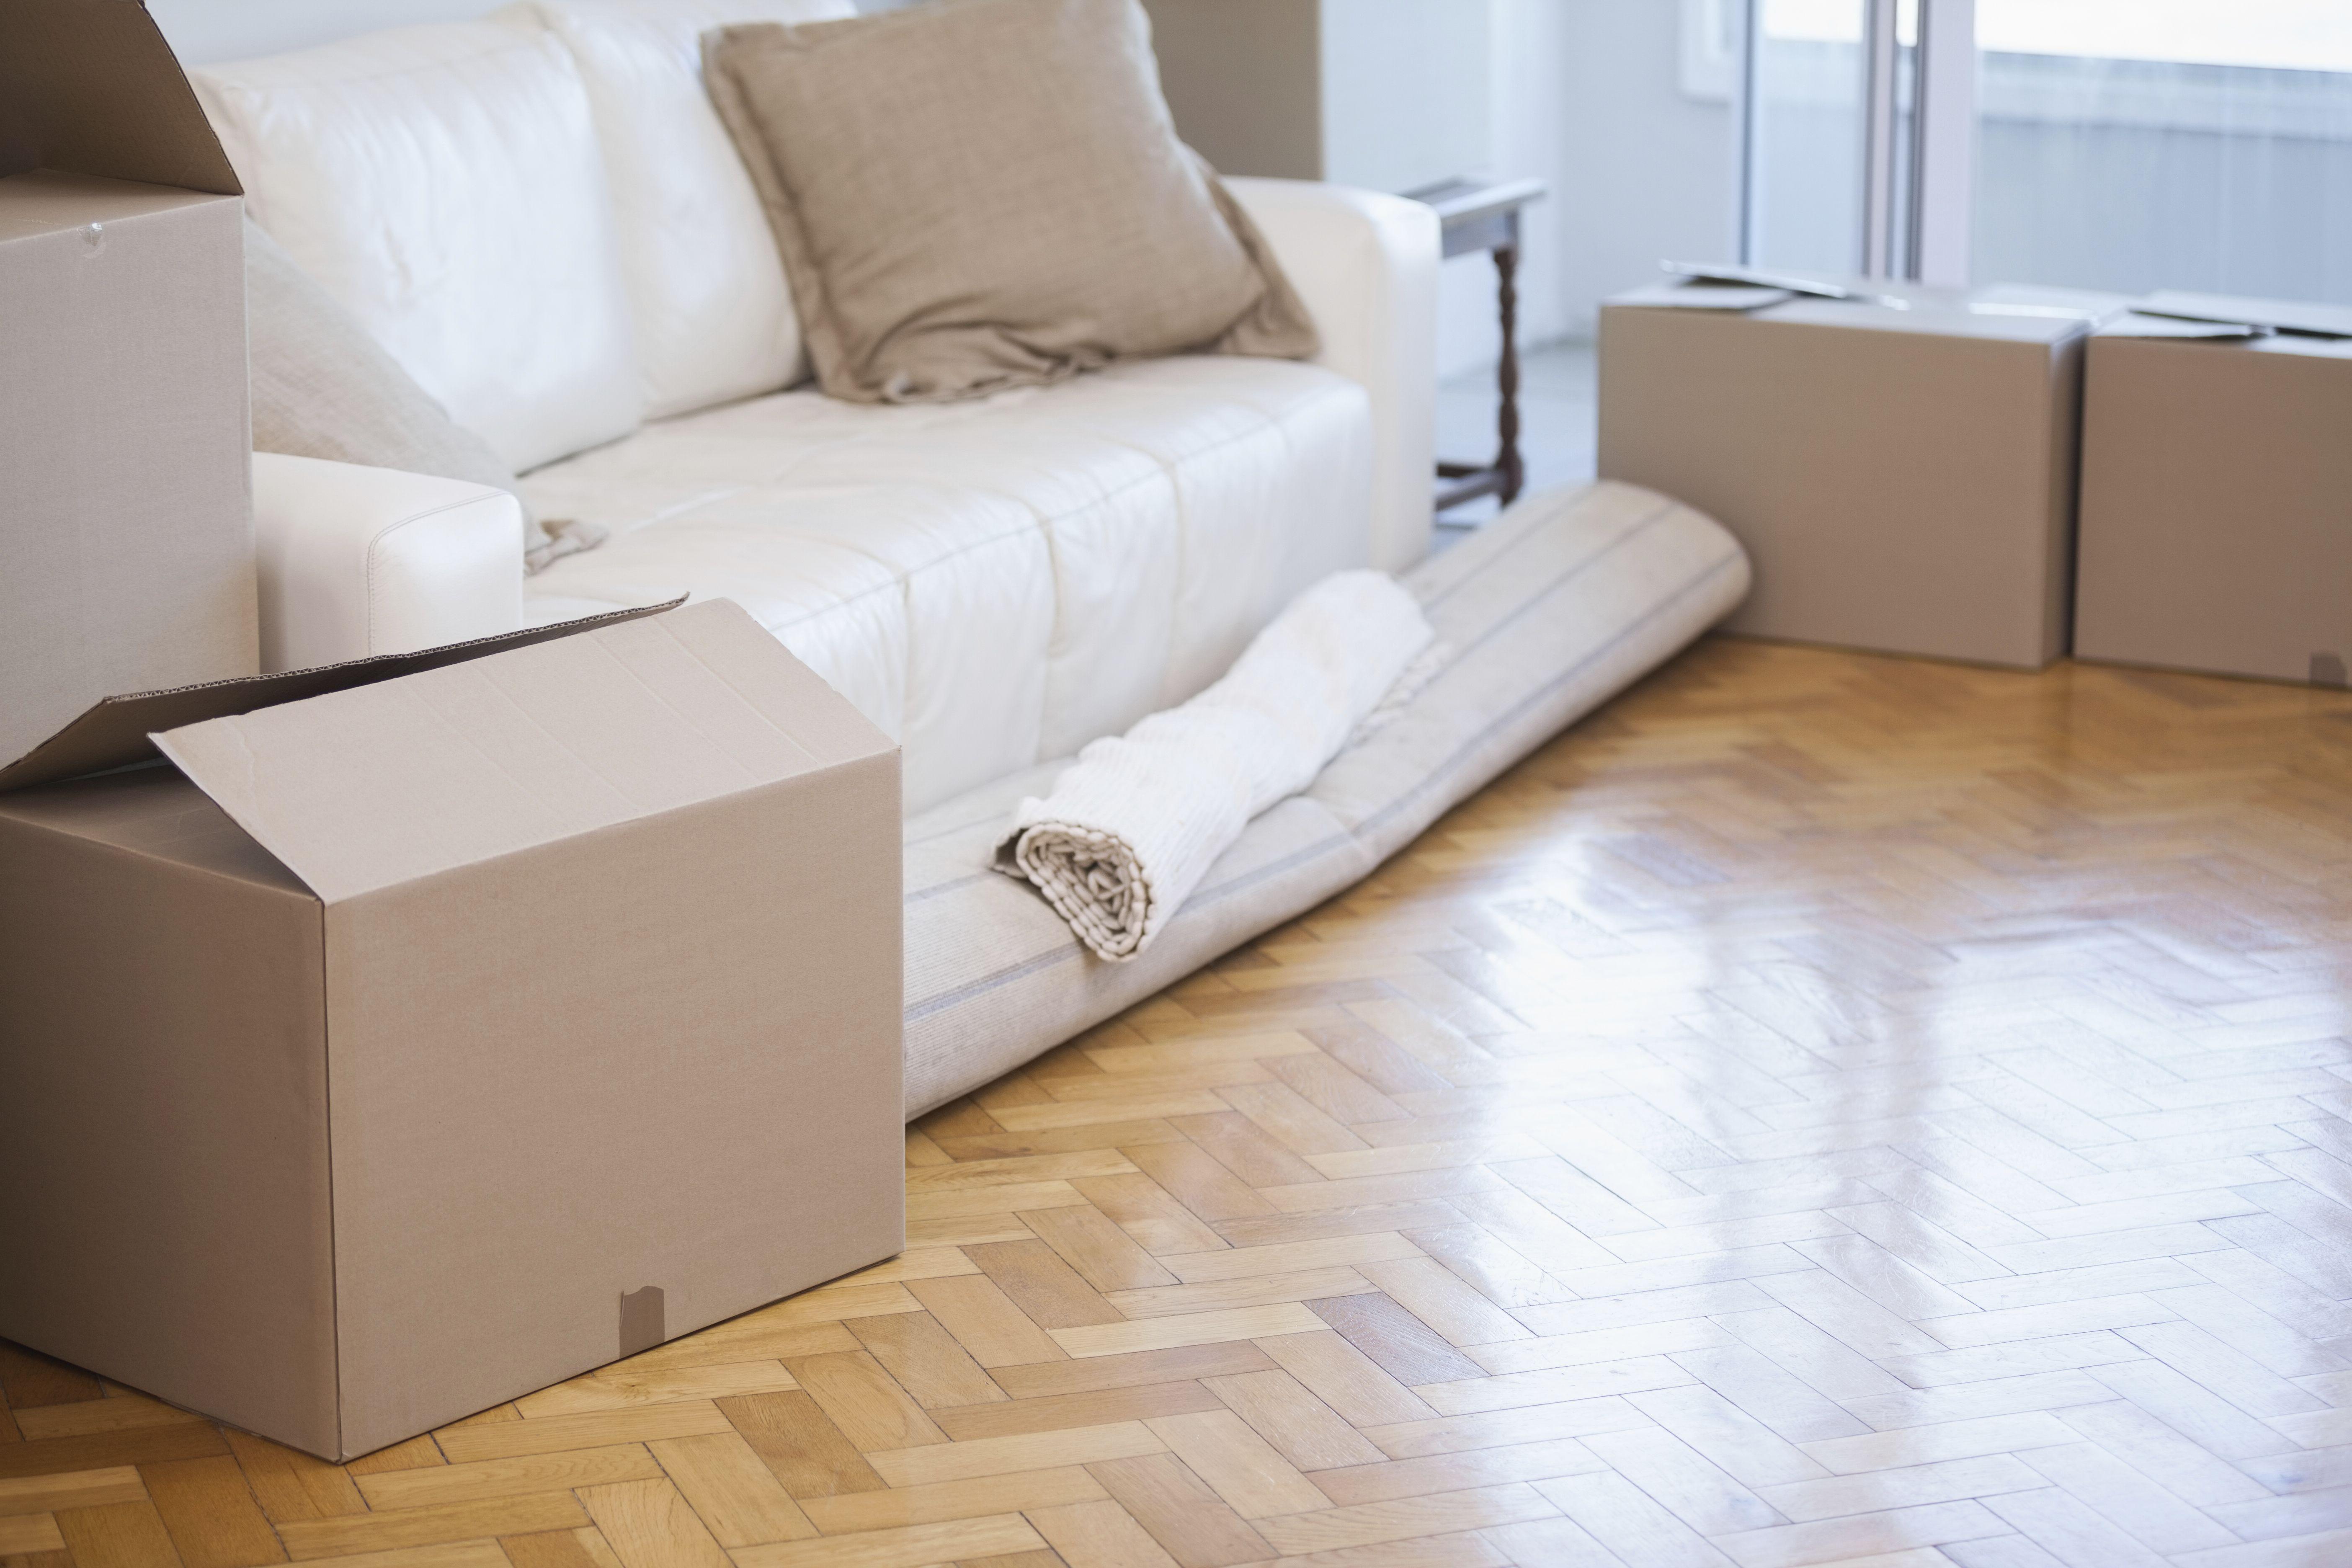 Servicio de desmontaje y montaje de muebles